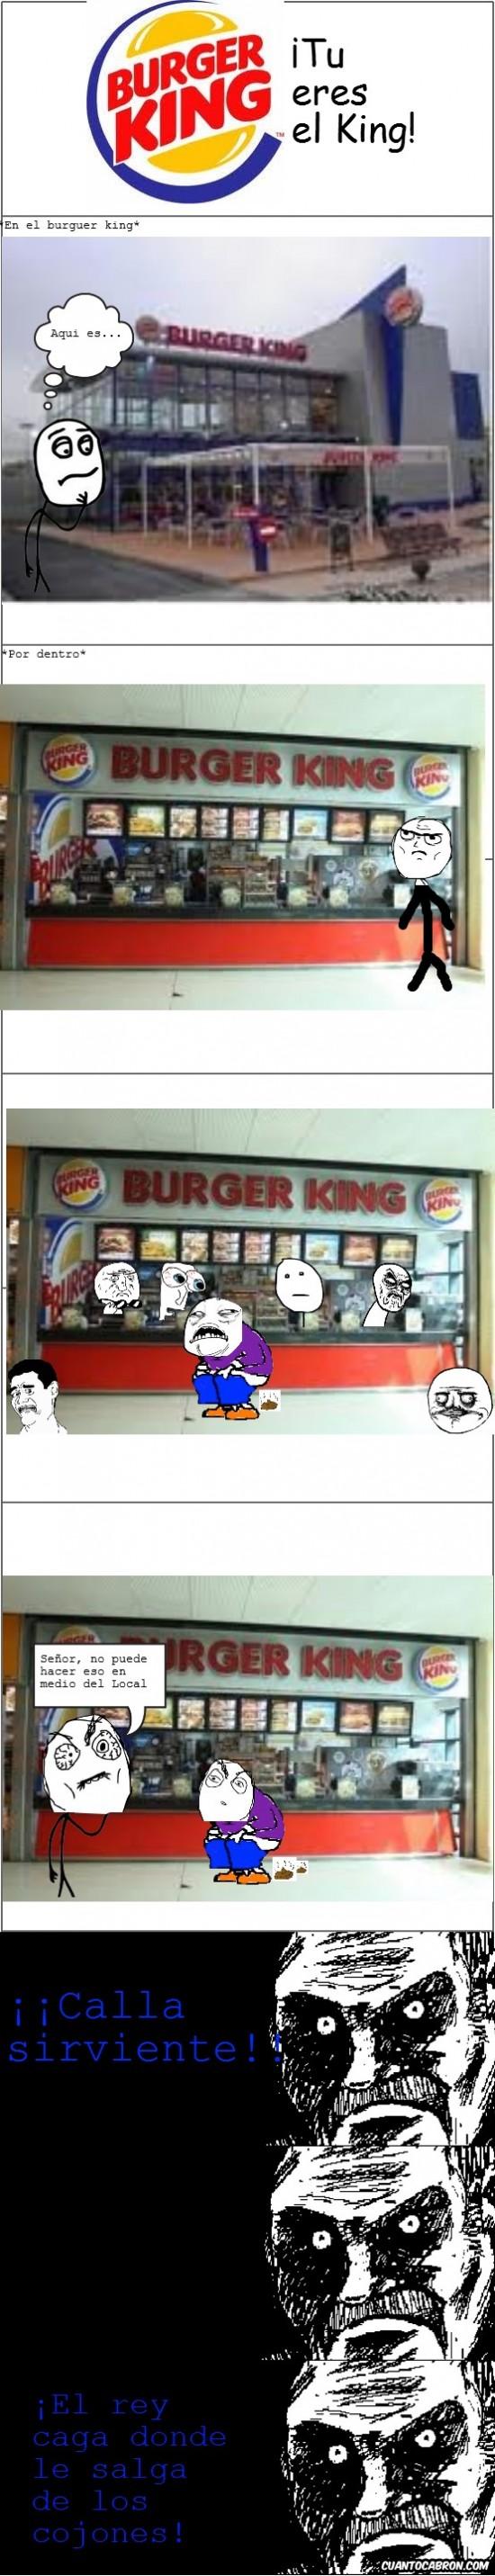 Burguer king,cagar,comer,mierda,rey,sirviente